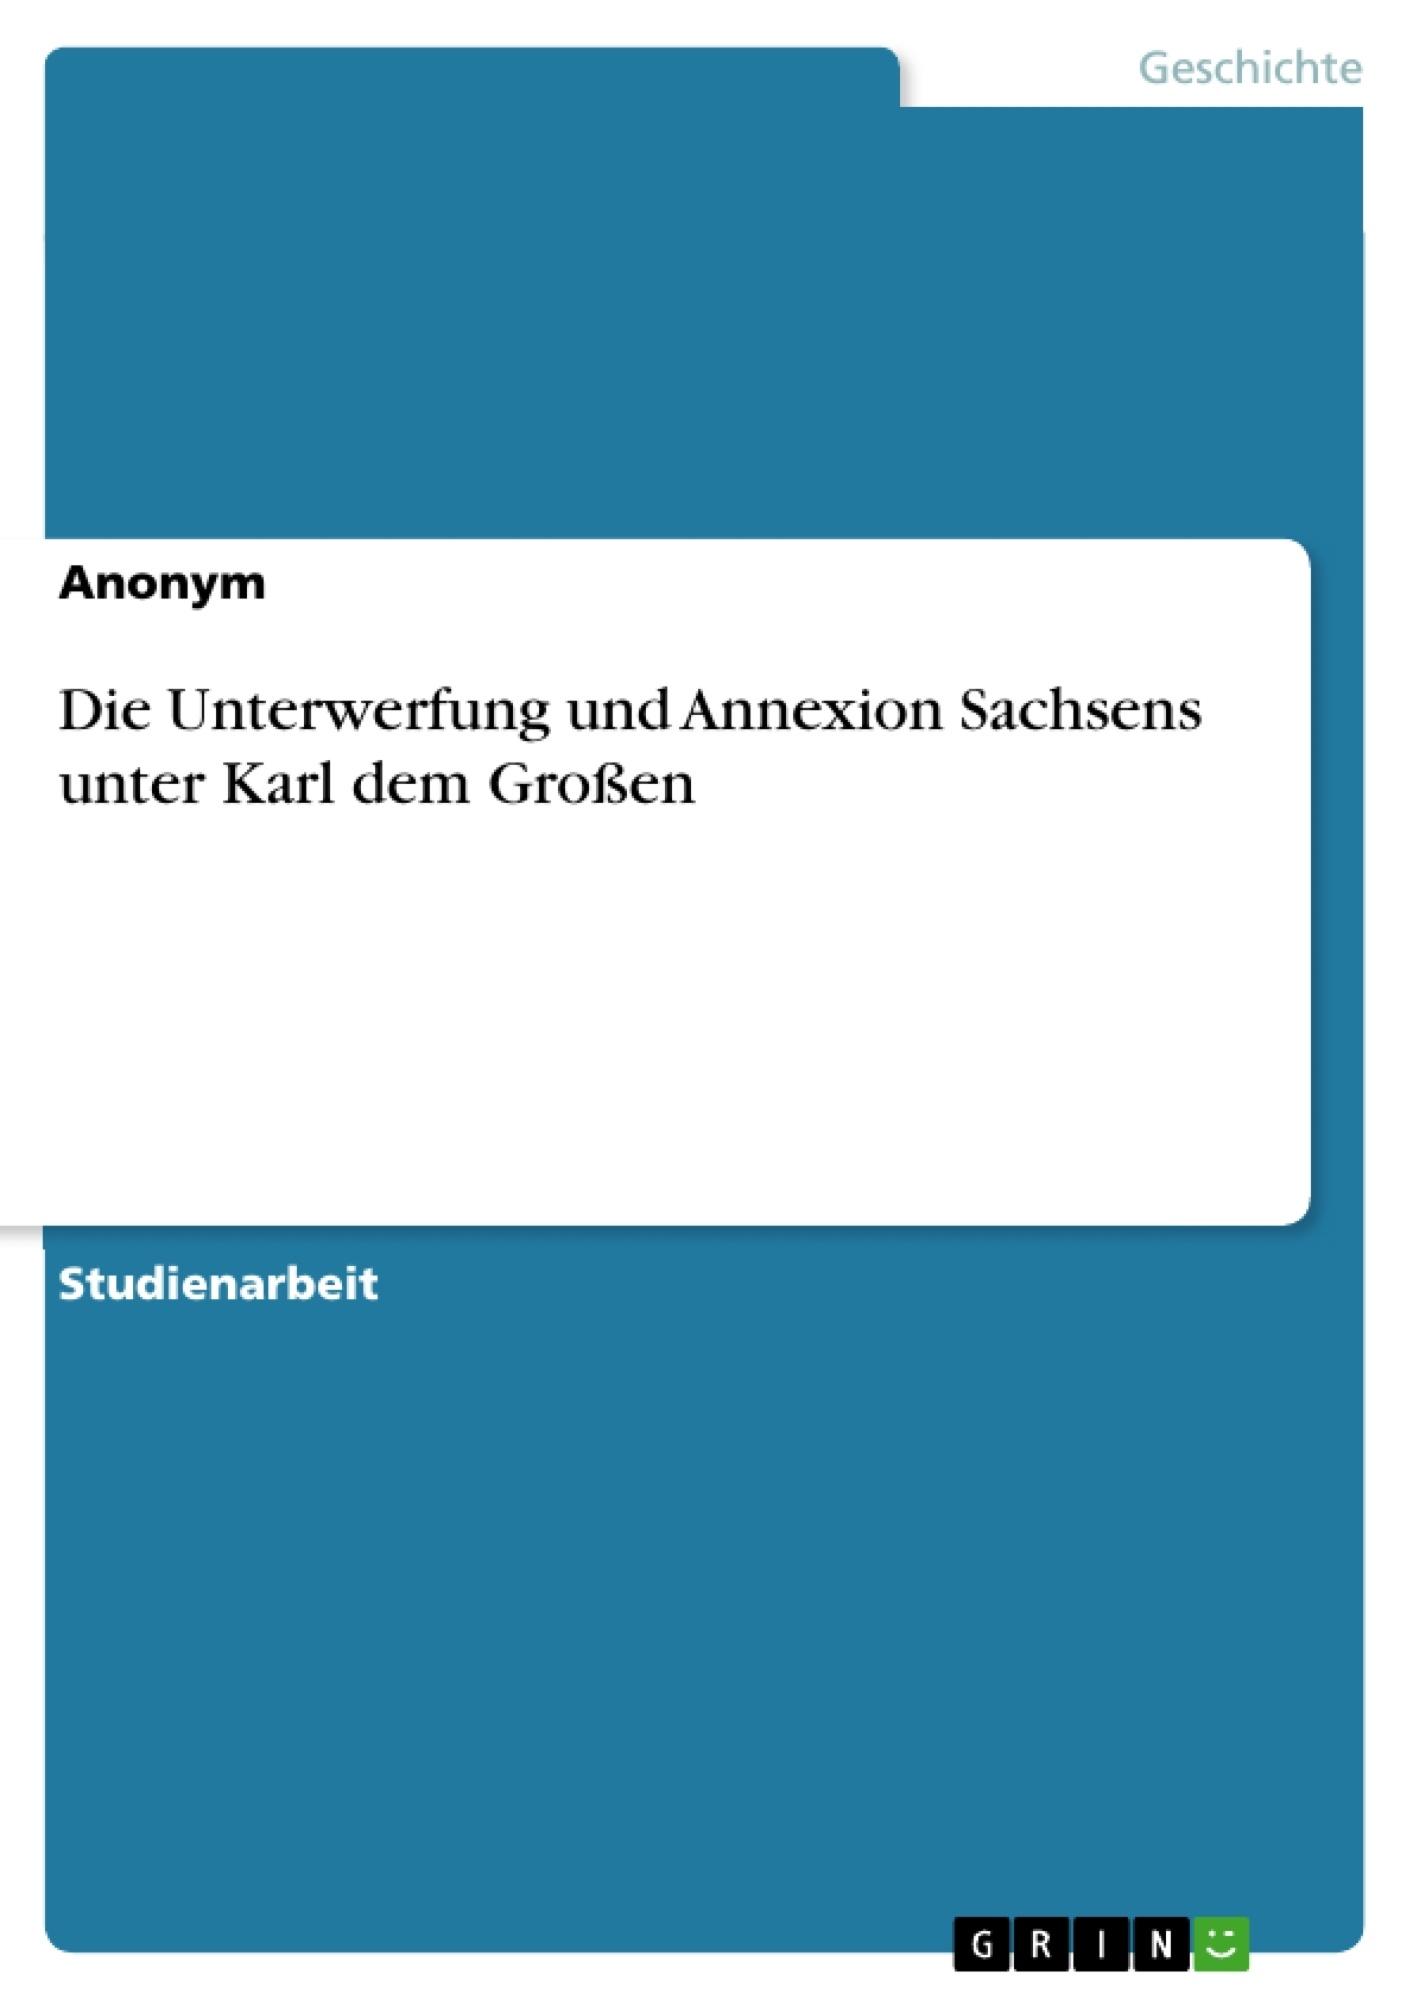 Titel: Die Unterwerfung und Annexion Sachsens unter Karl dem Großen